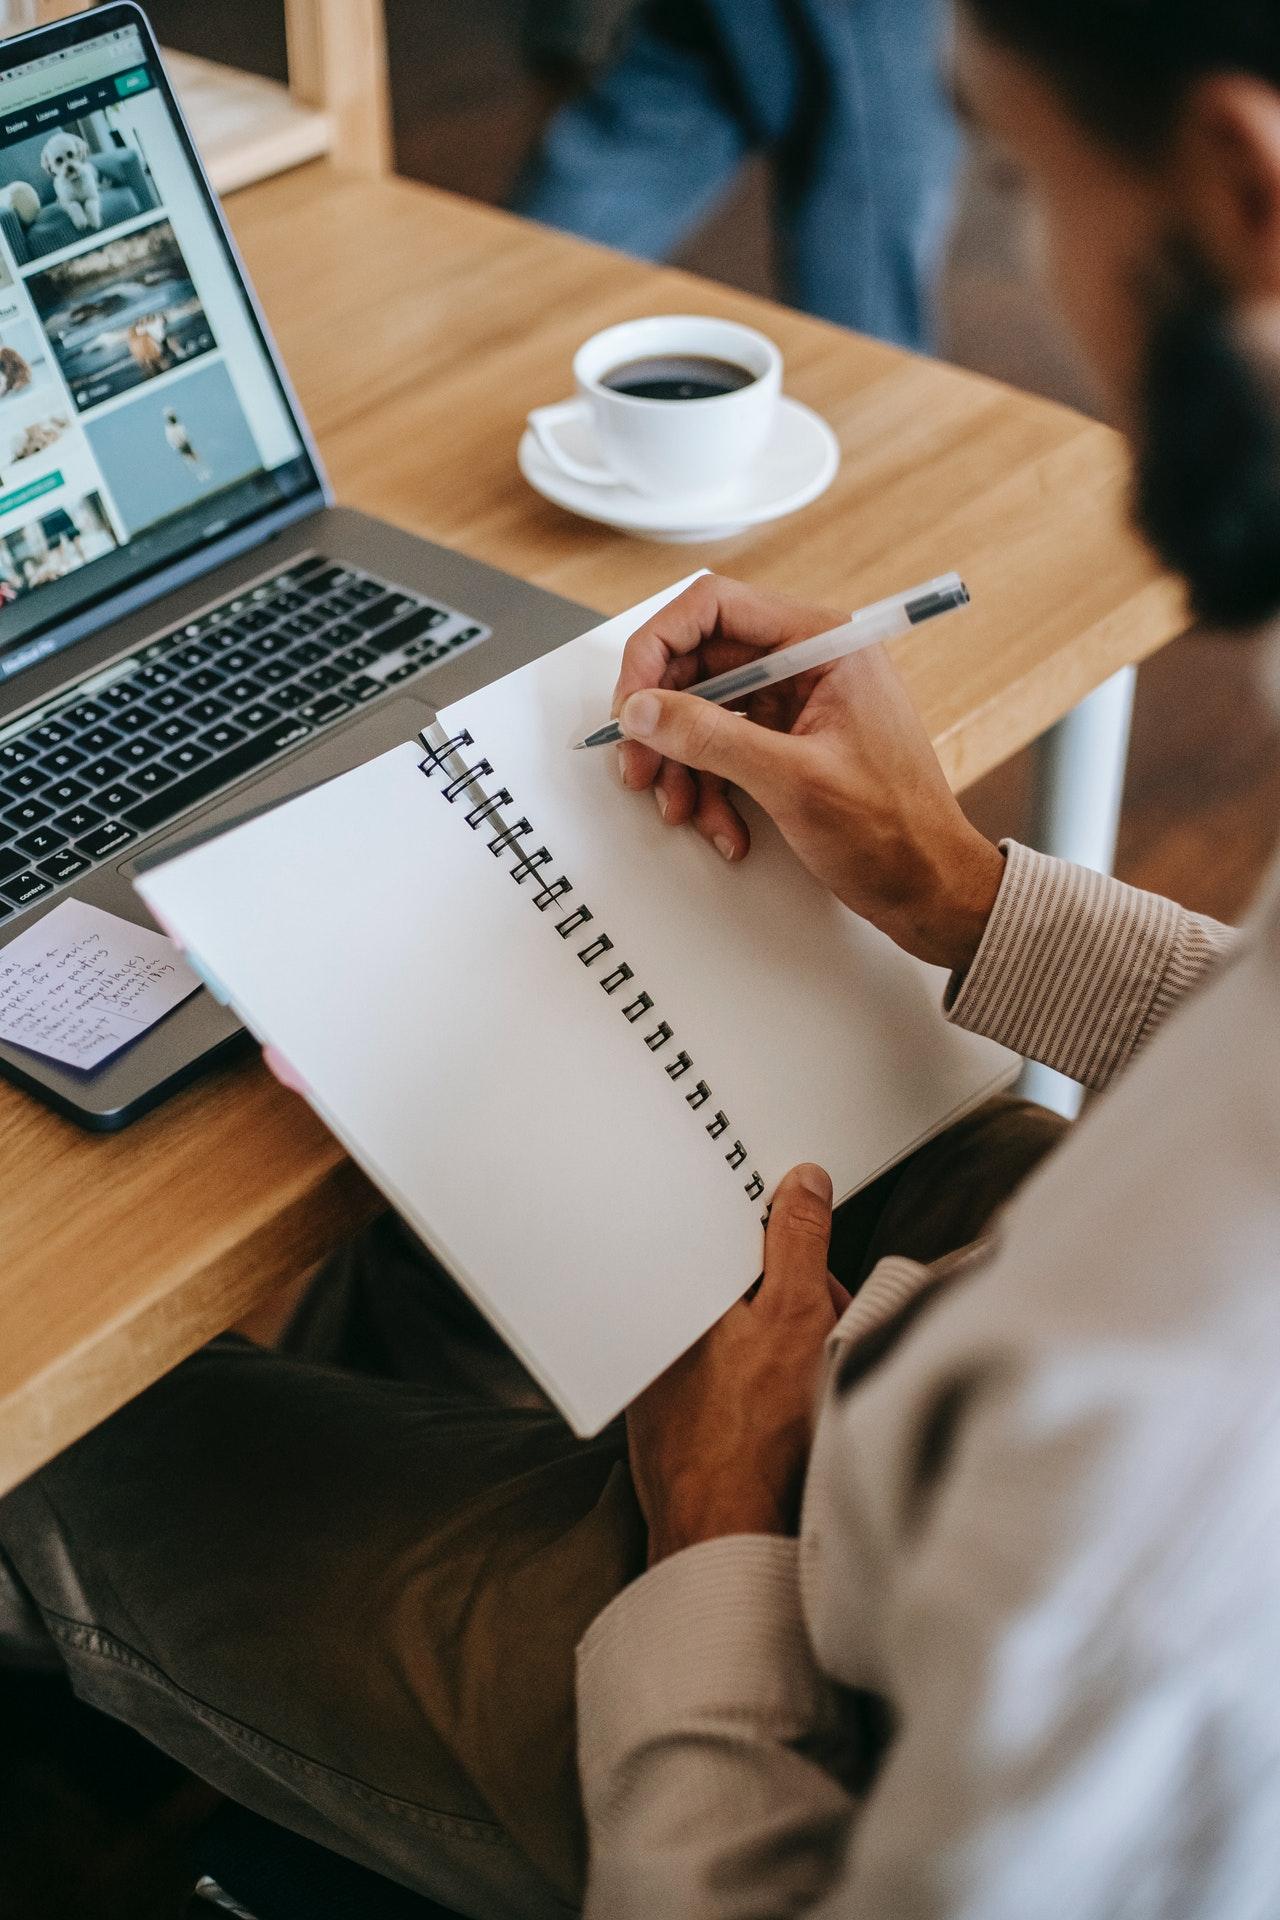 Начало СЕО.БГ  СЕО оптимизация, реклама, изграждане на сайтове, маркетинг, изработка на сайтове, уеб дизайн, SEO, онлайн магазини и други